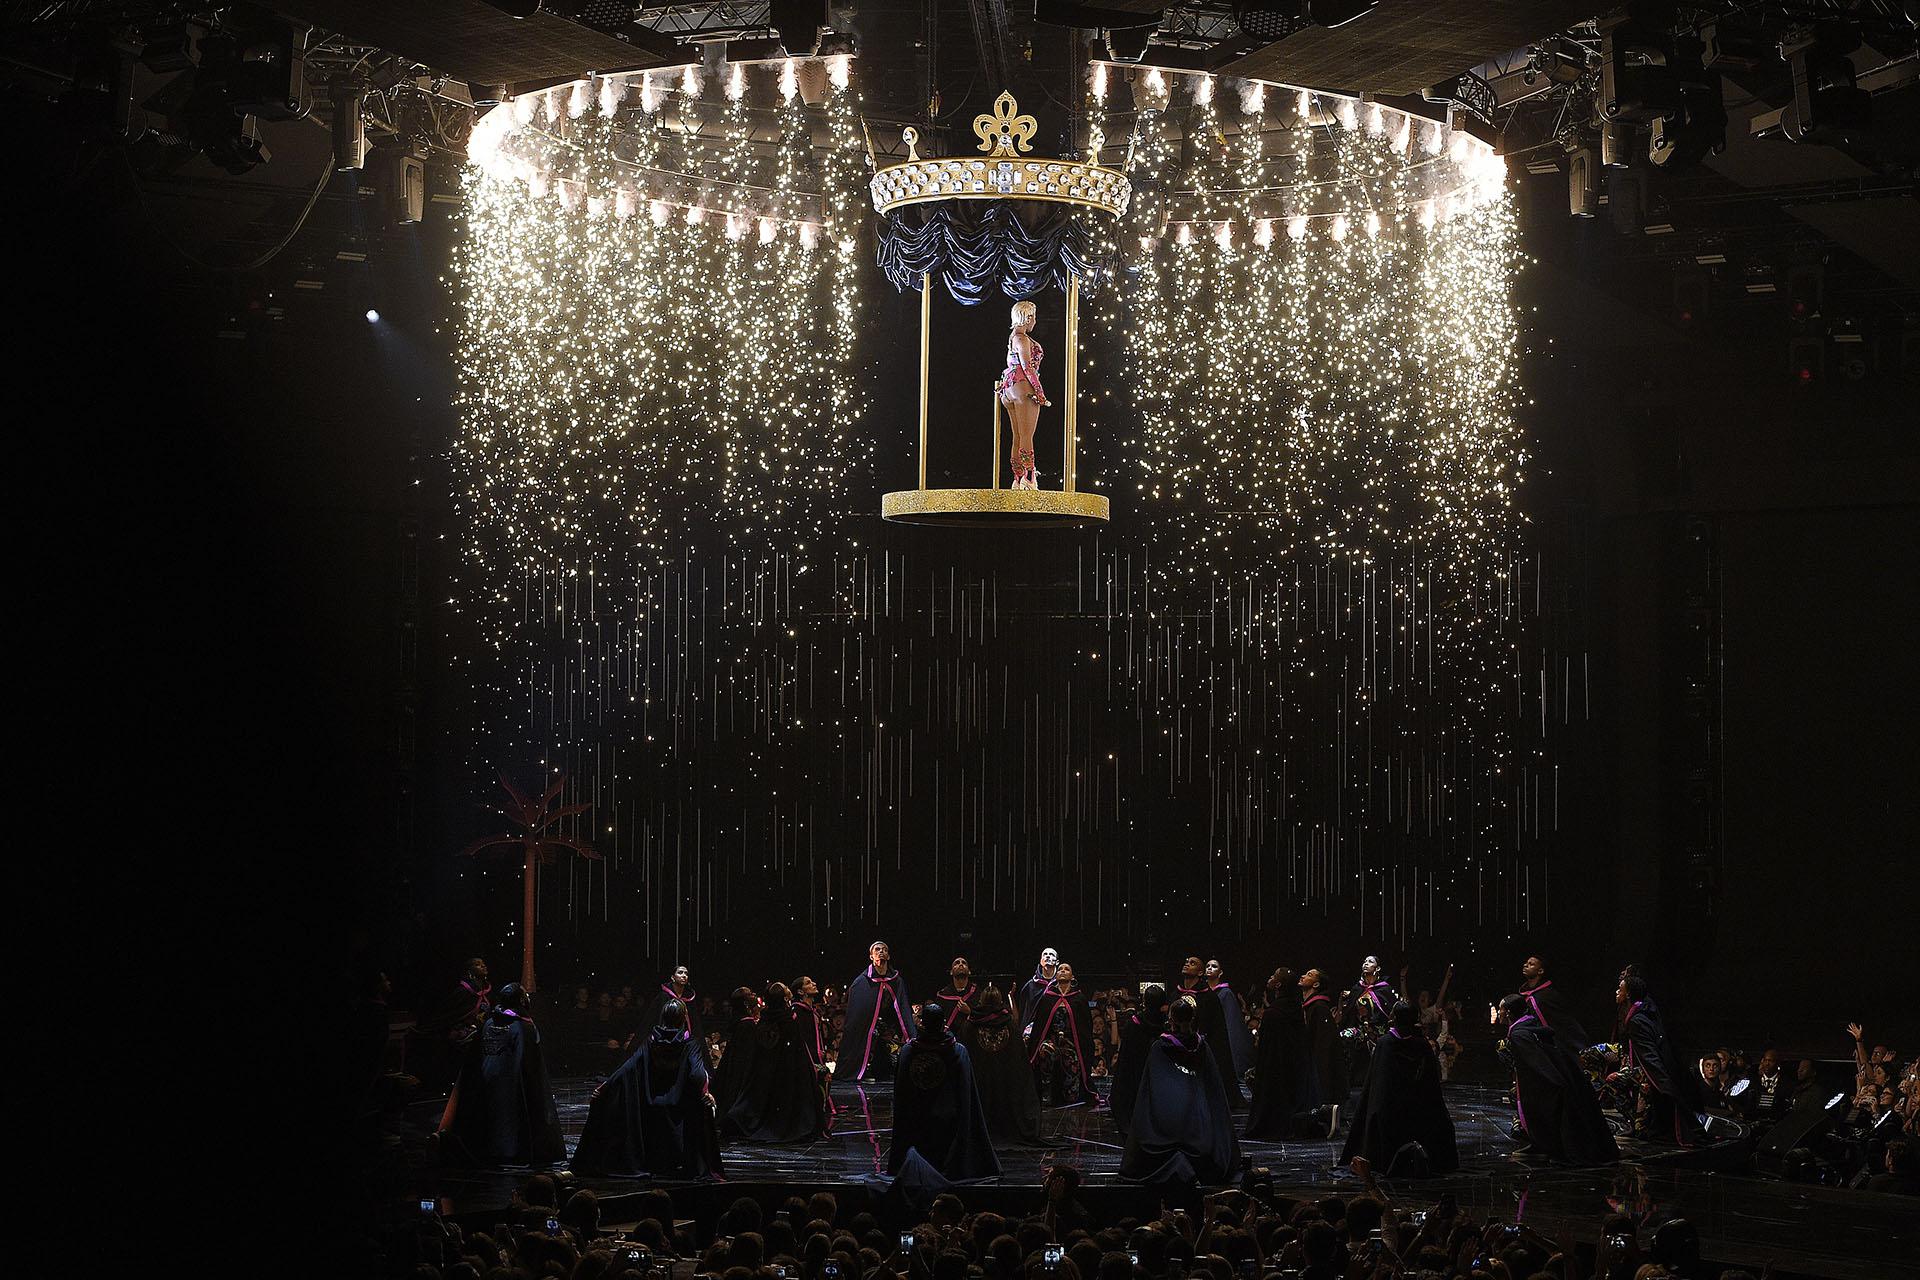 La espectacular entrada a Nicki Minaj el escenario de los MTV Europe Music Awards 2018